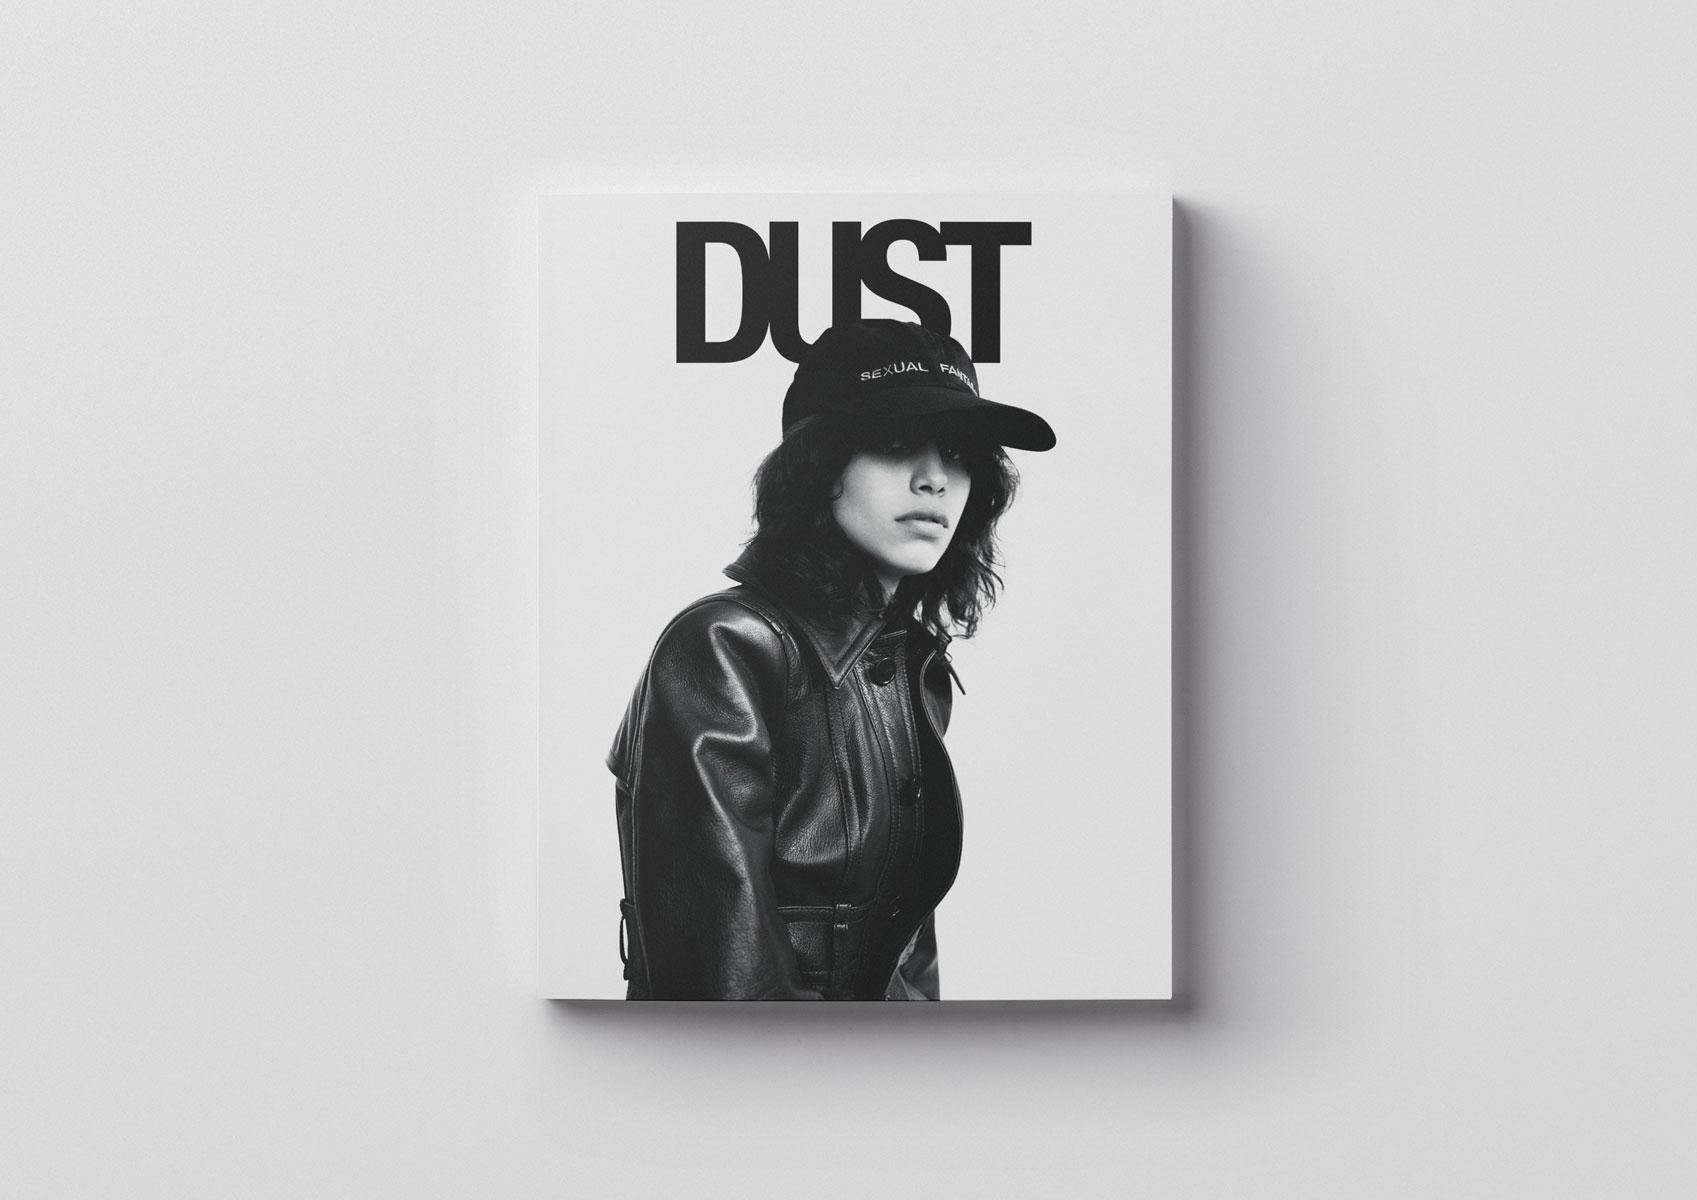 nicoletta-dalfino-dust-magazine-9-cover